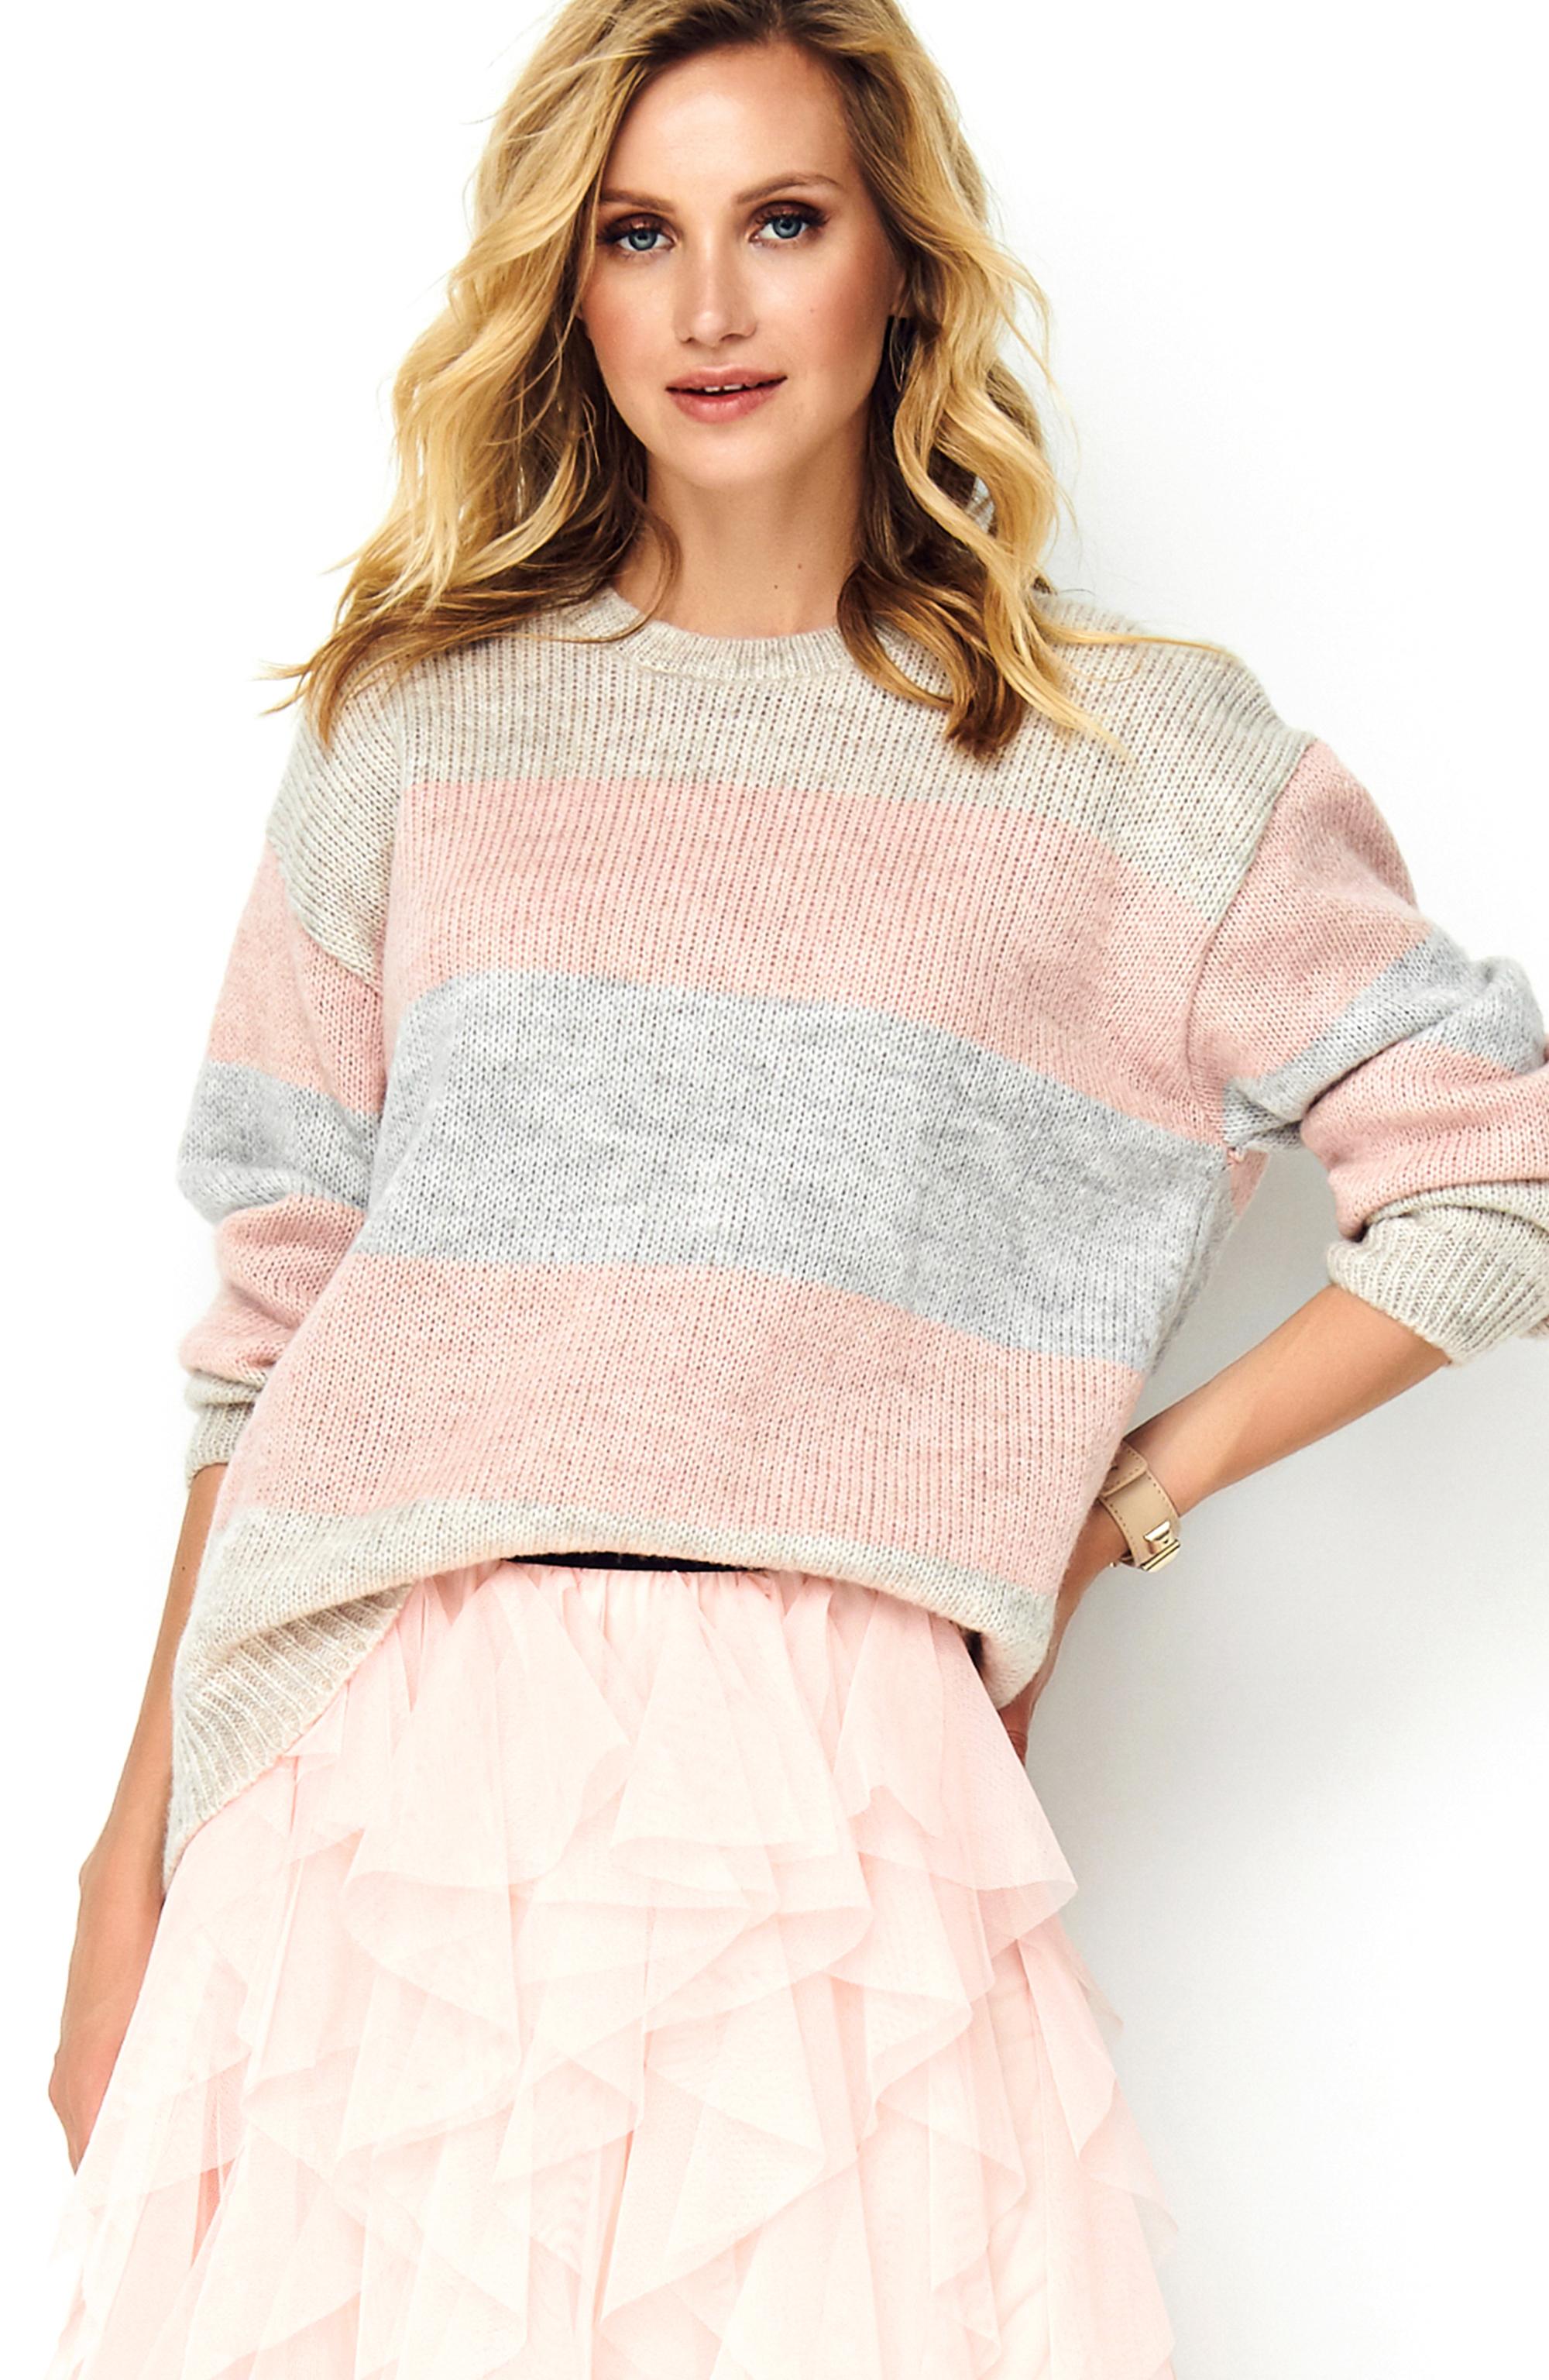 Sweater dreifarbig gestreift Vorderansicht